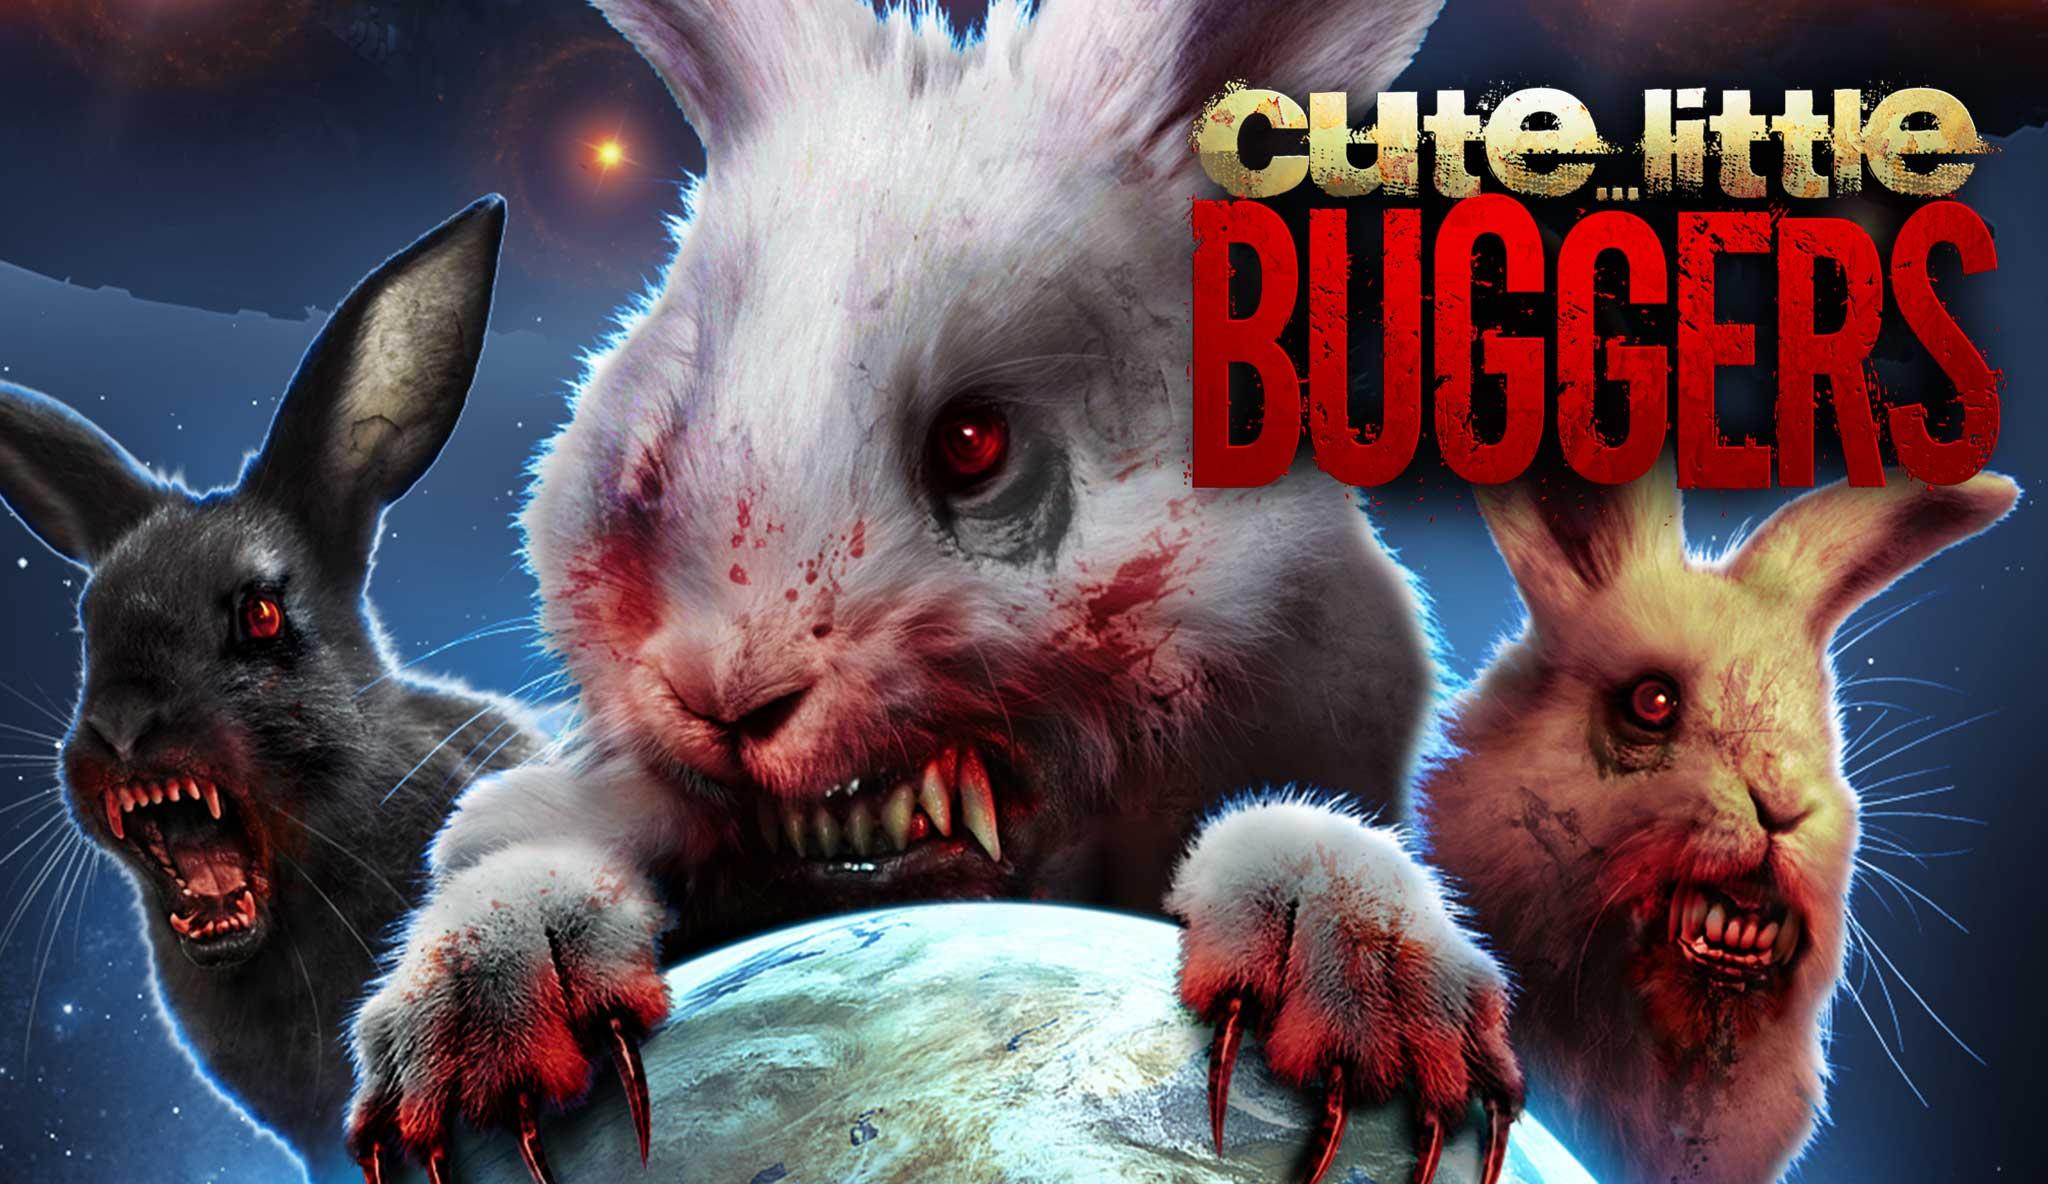 cute-little-buggers\header.jpg